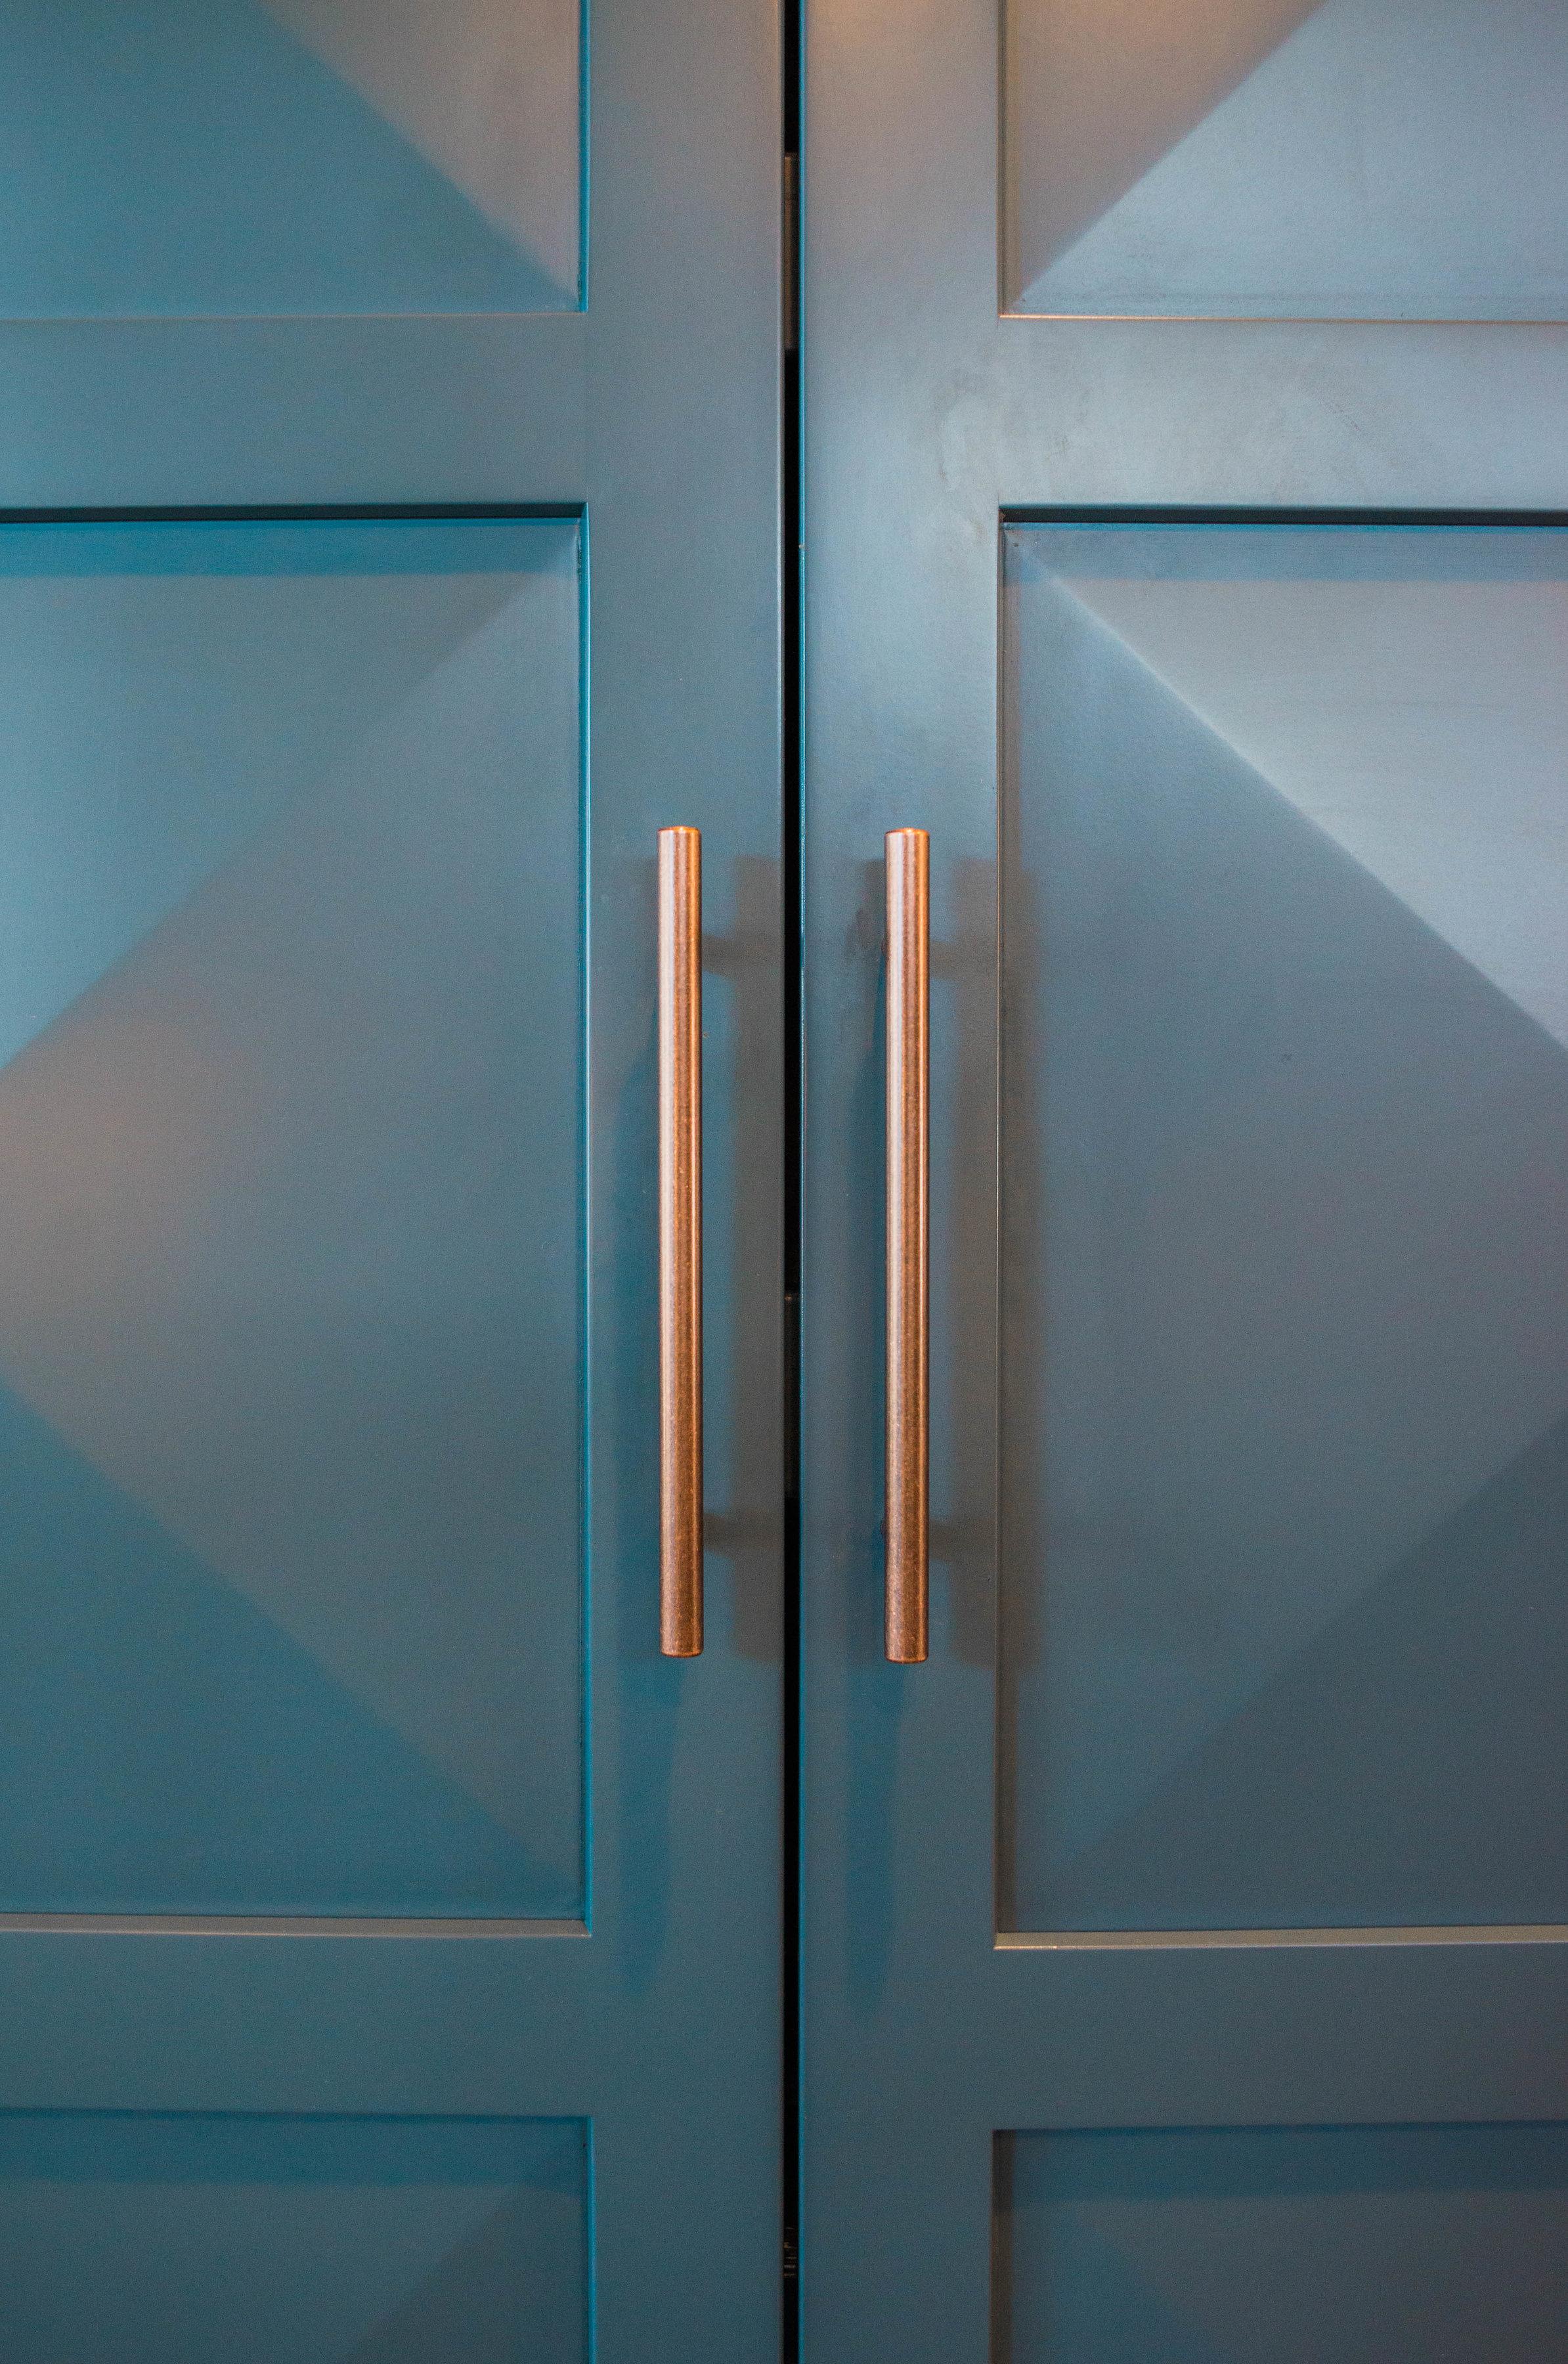 diamond-door-raised-kitchen-cabinets-luxury.jpg